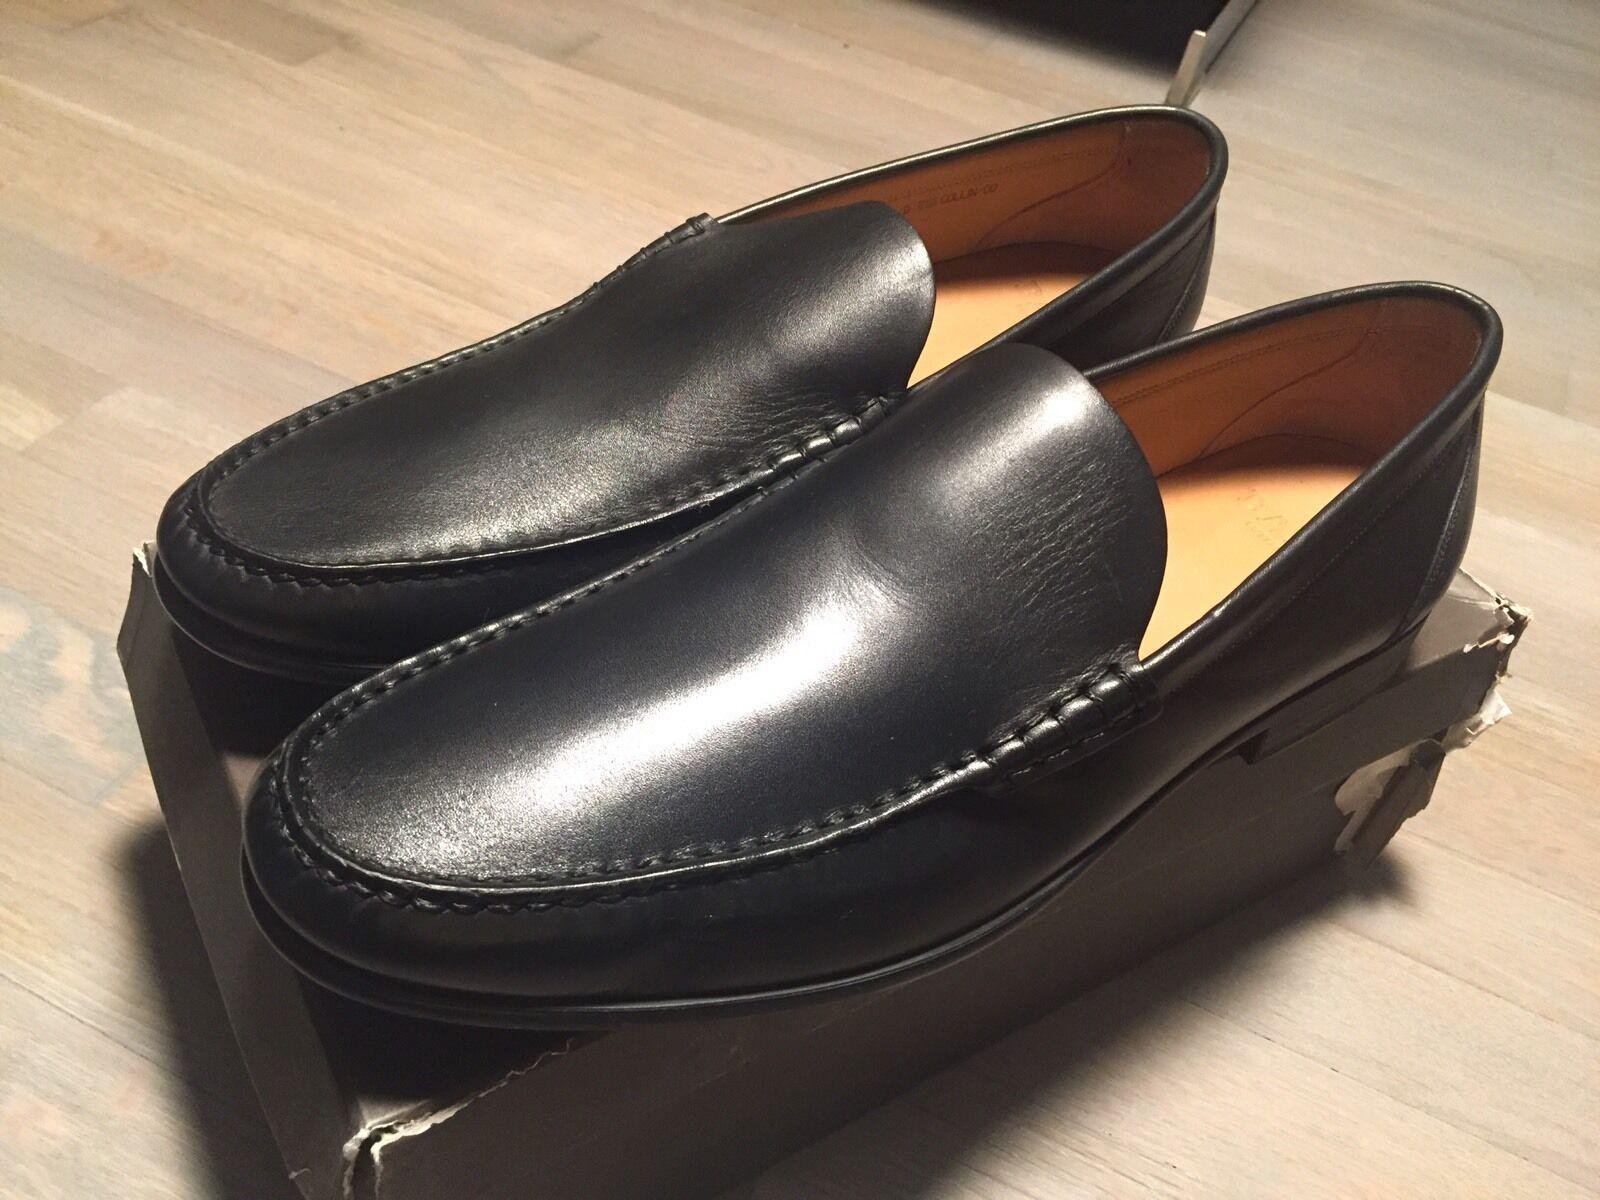 buona reputazione 650  Bally nero Collin Leather Loafers Dimensione Dimensione Dimensione US 14 Made in Switzerland  presentando tutte le ultime tendenze della moda